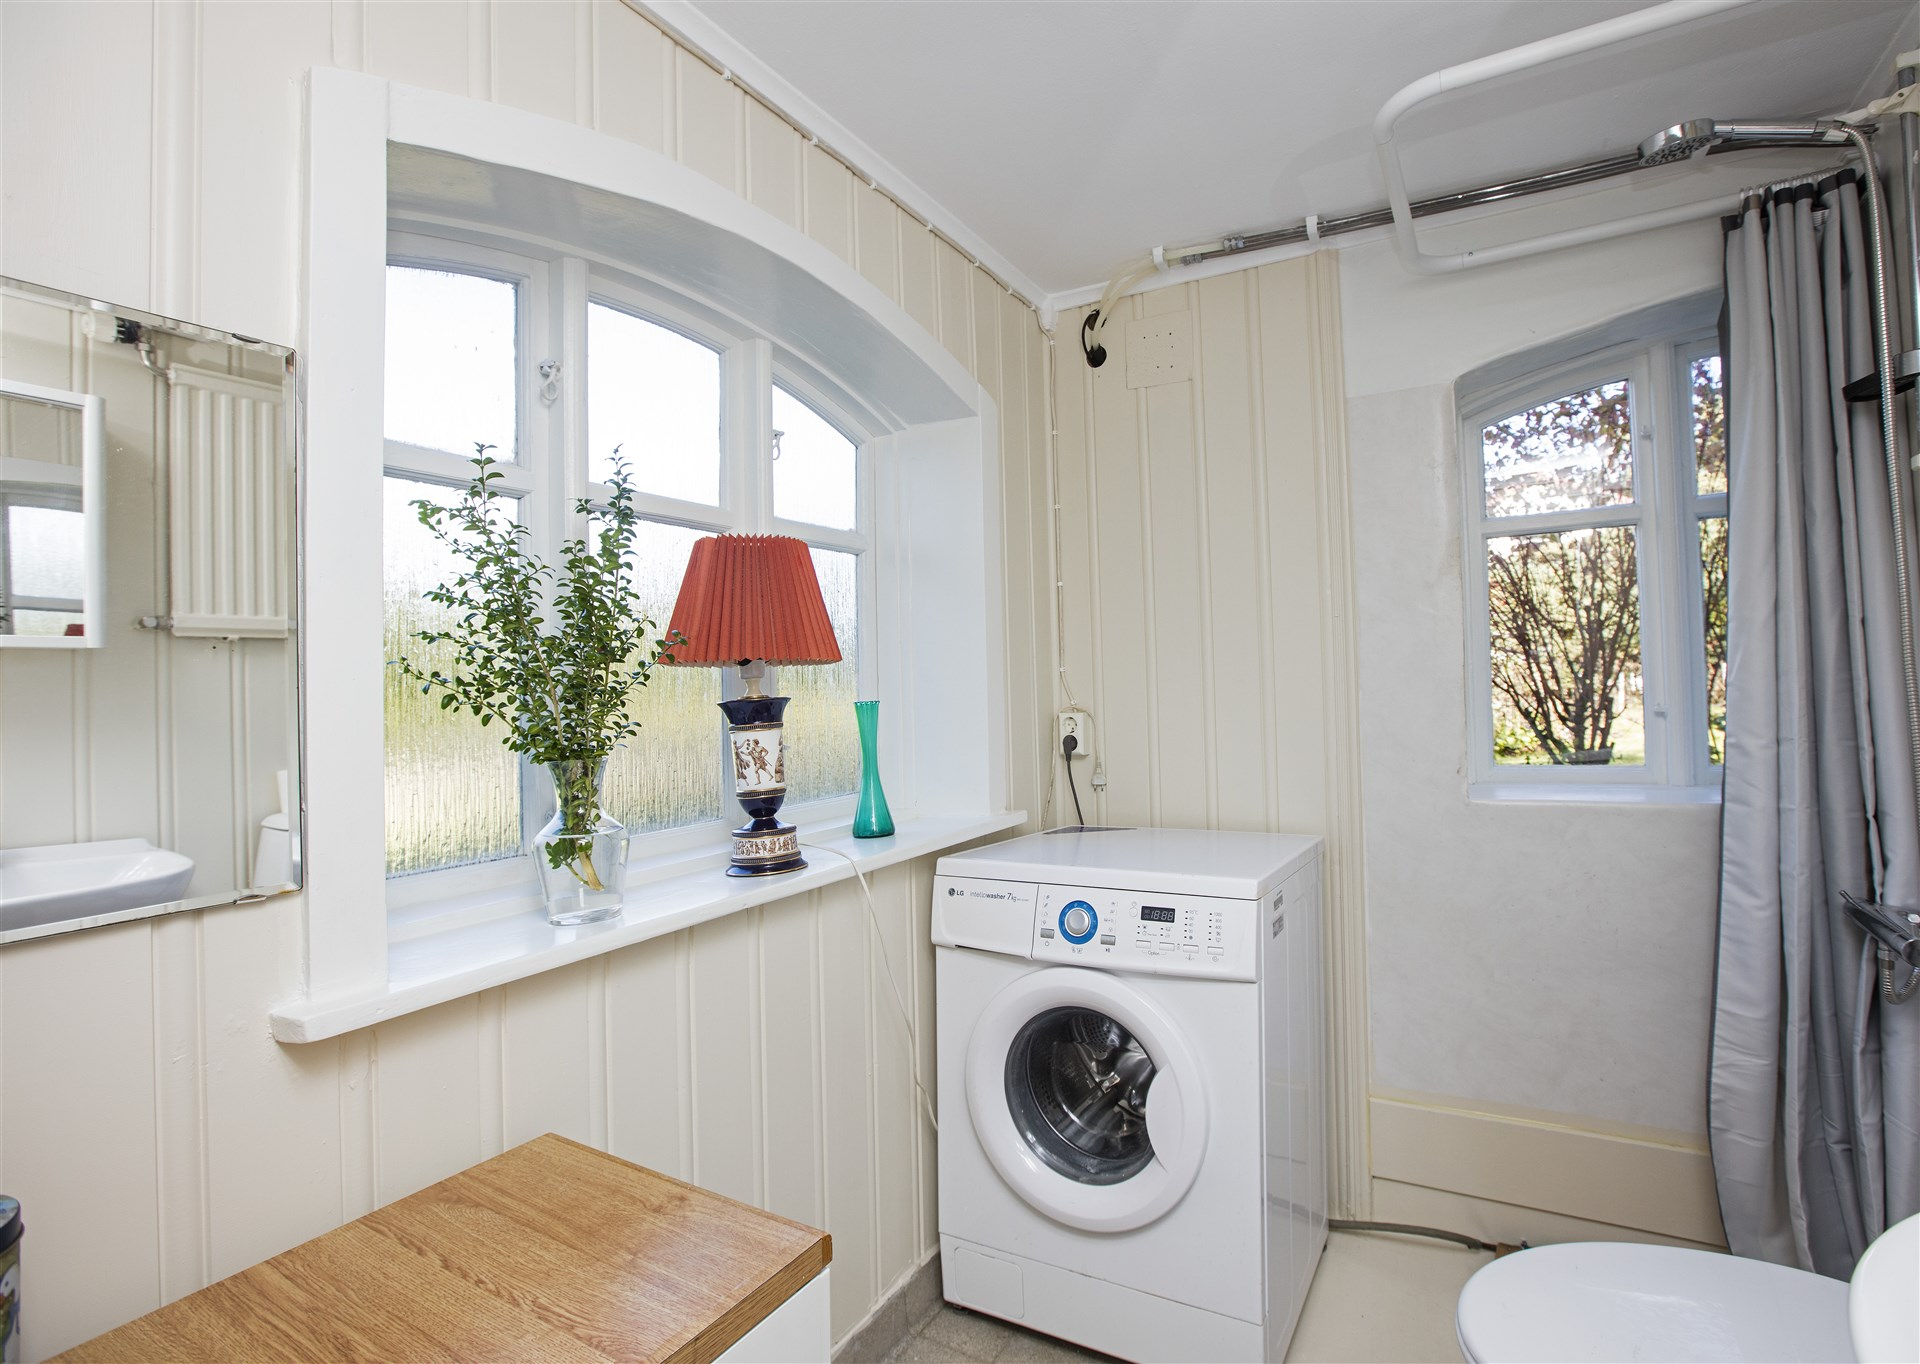 Tvättmaskin i badrum källare